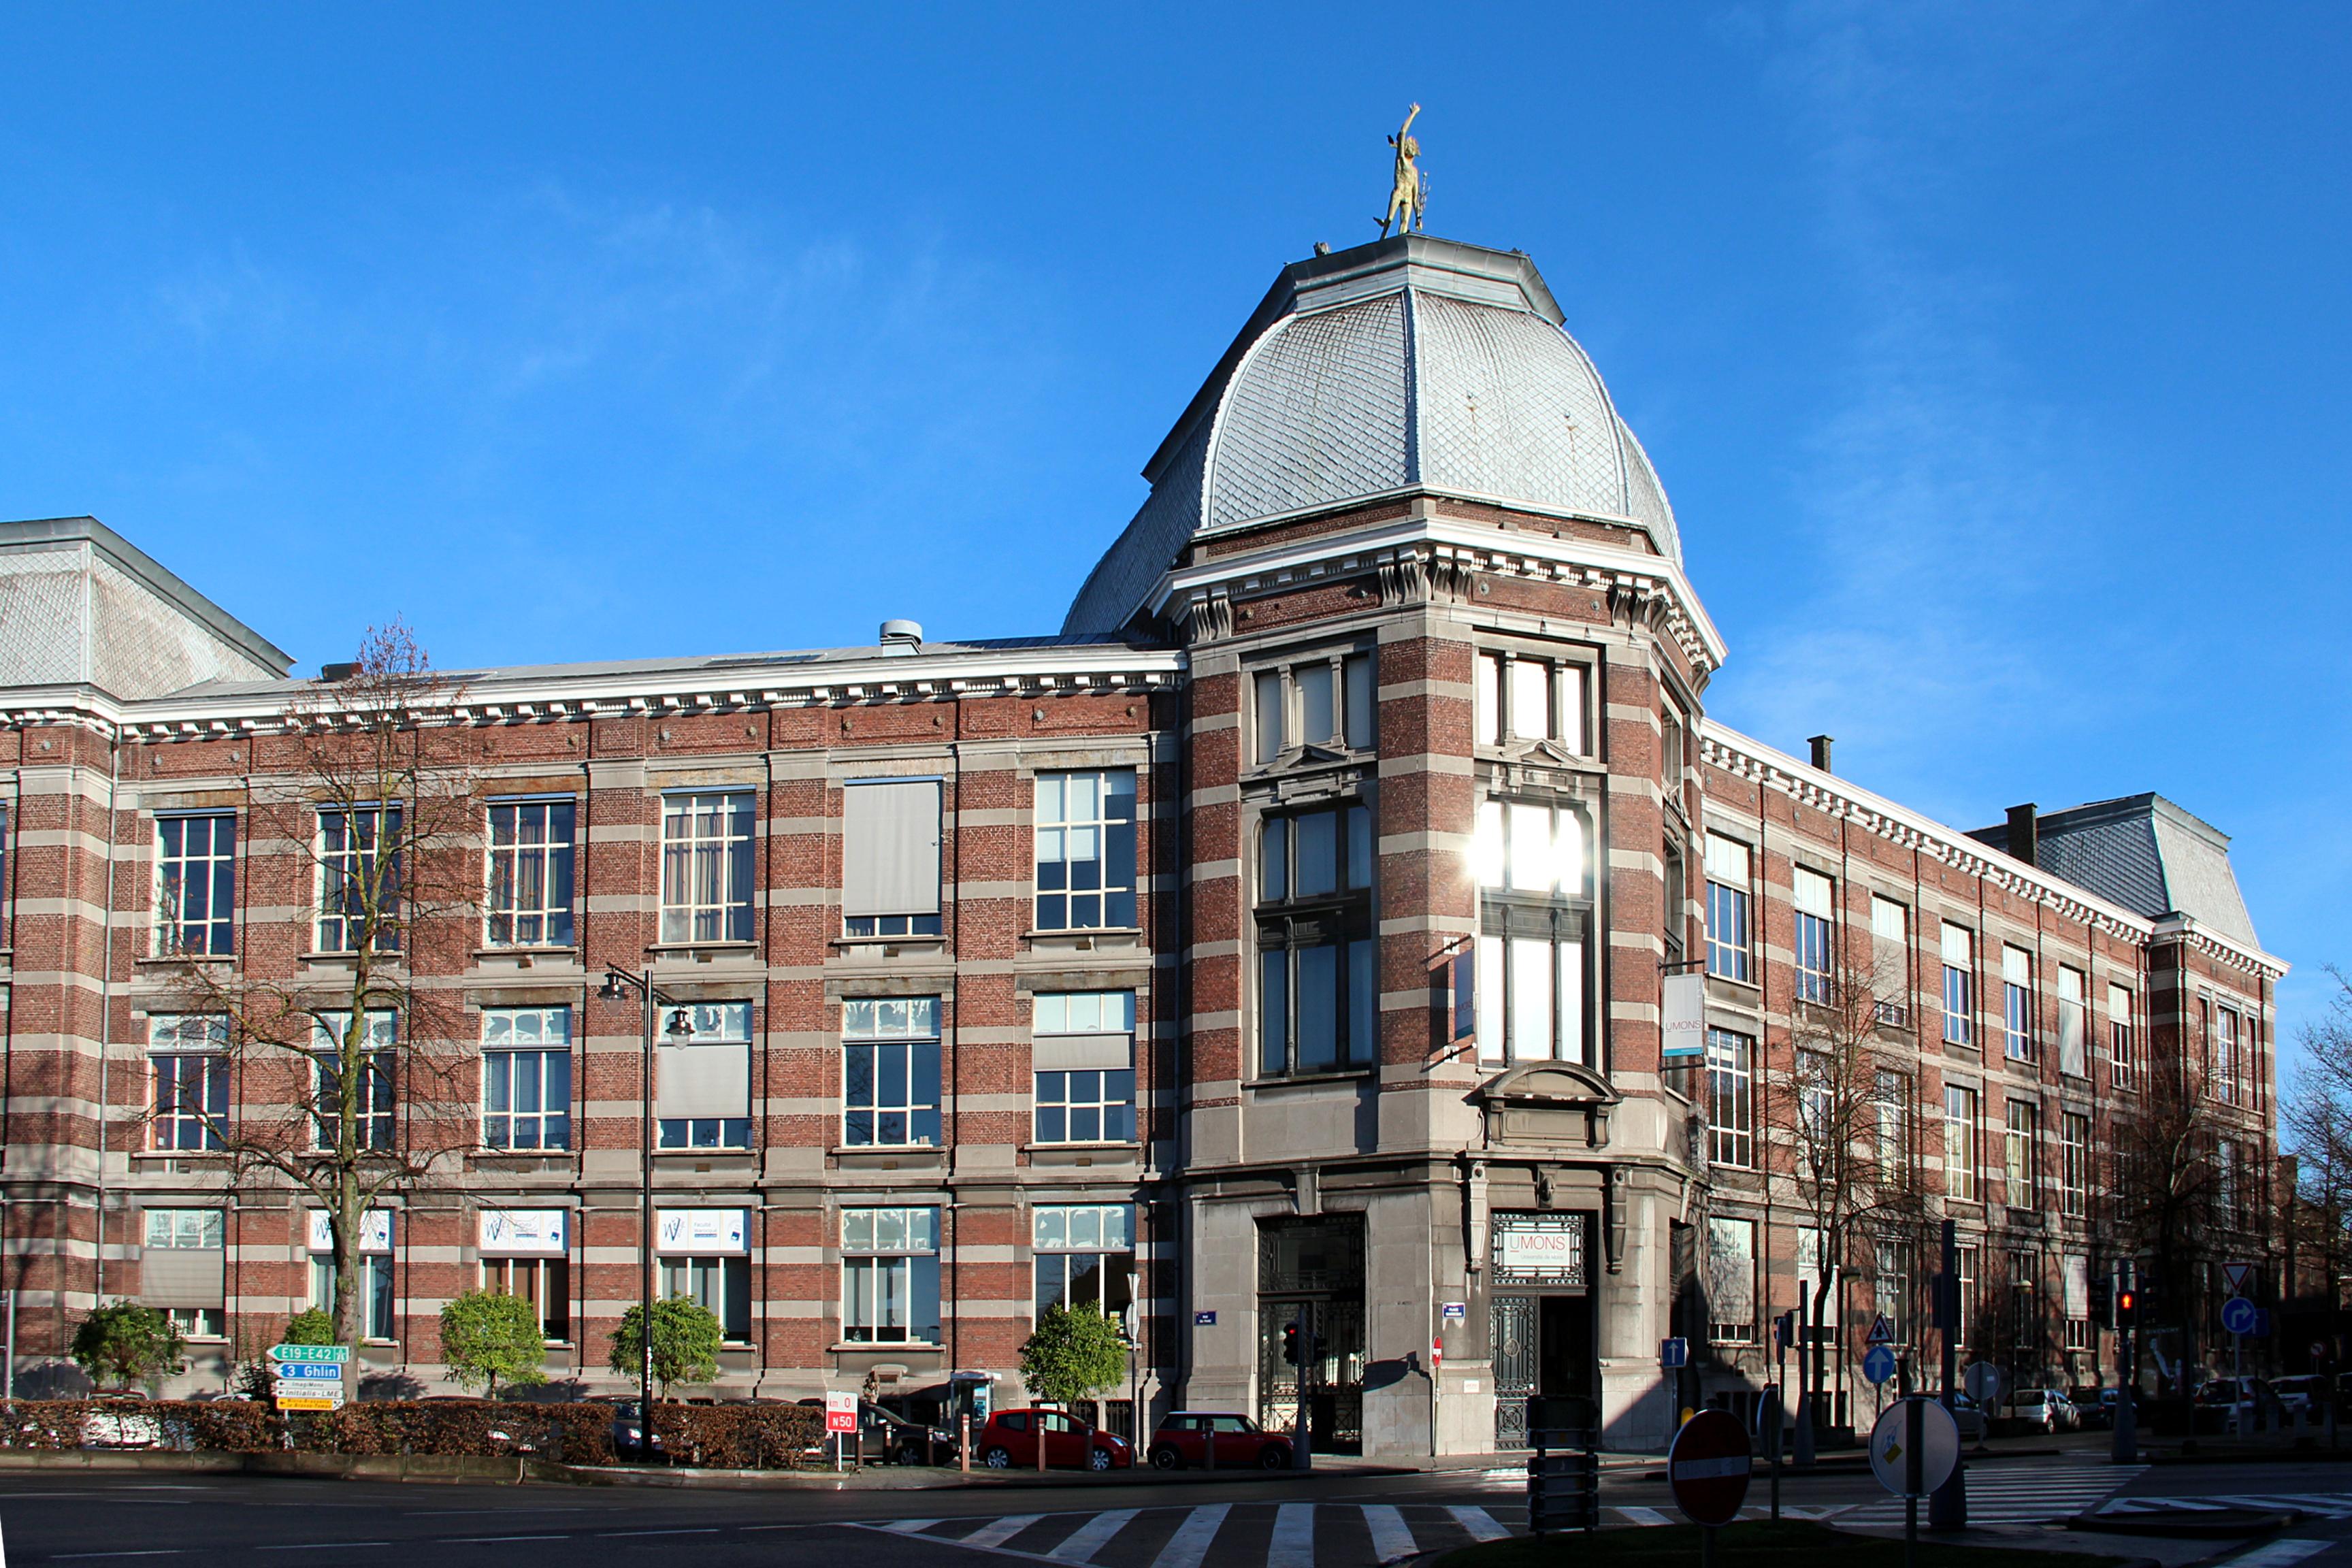 University of mons wikipedia